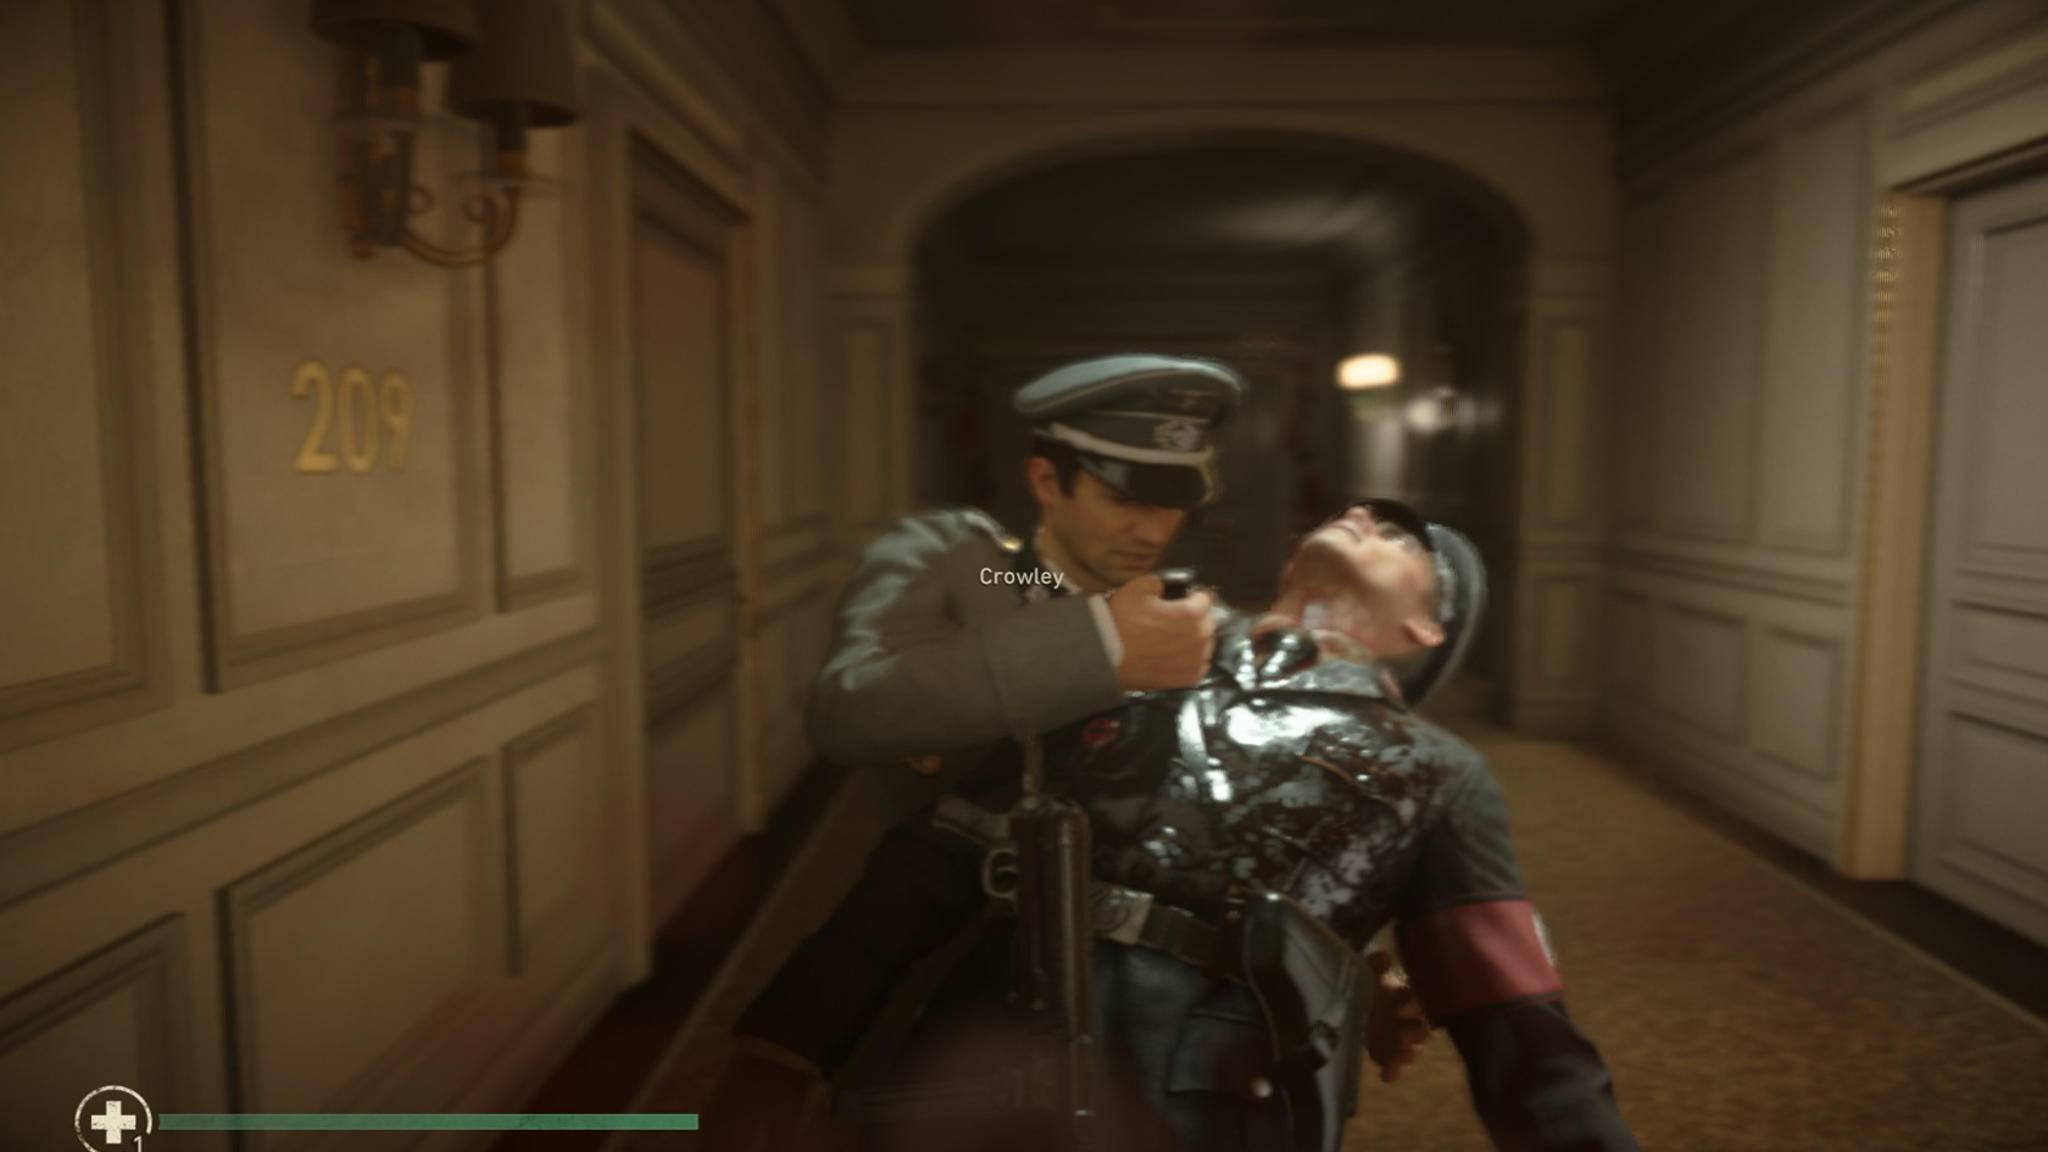 ... und dabei noch Hilfe des verbündeten Offiziers bekommt. Danach ...